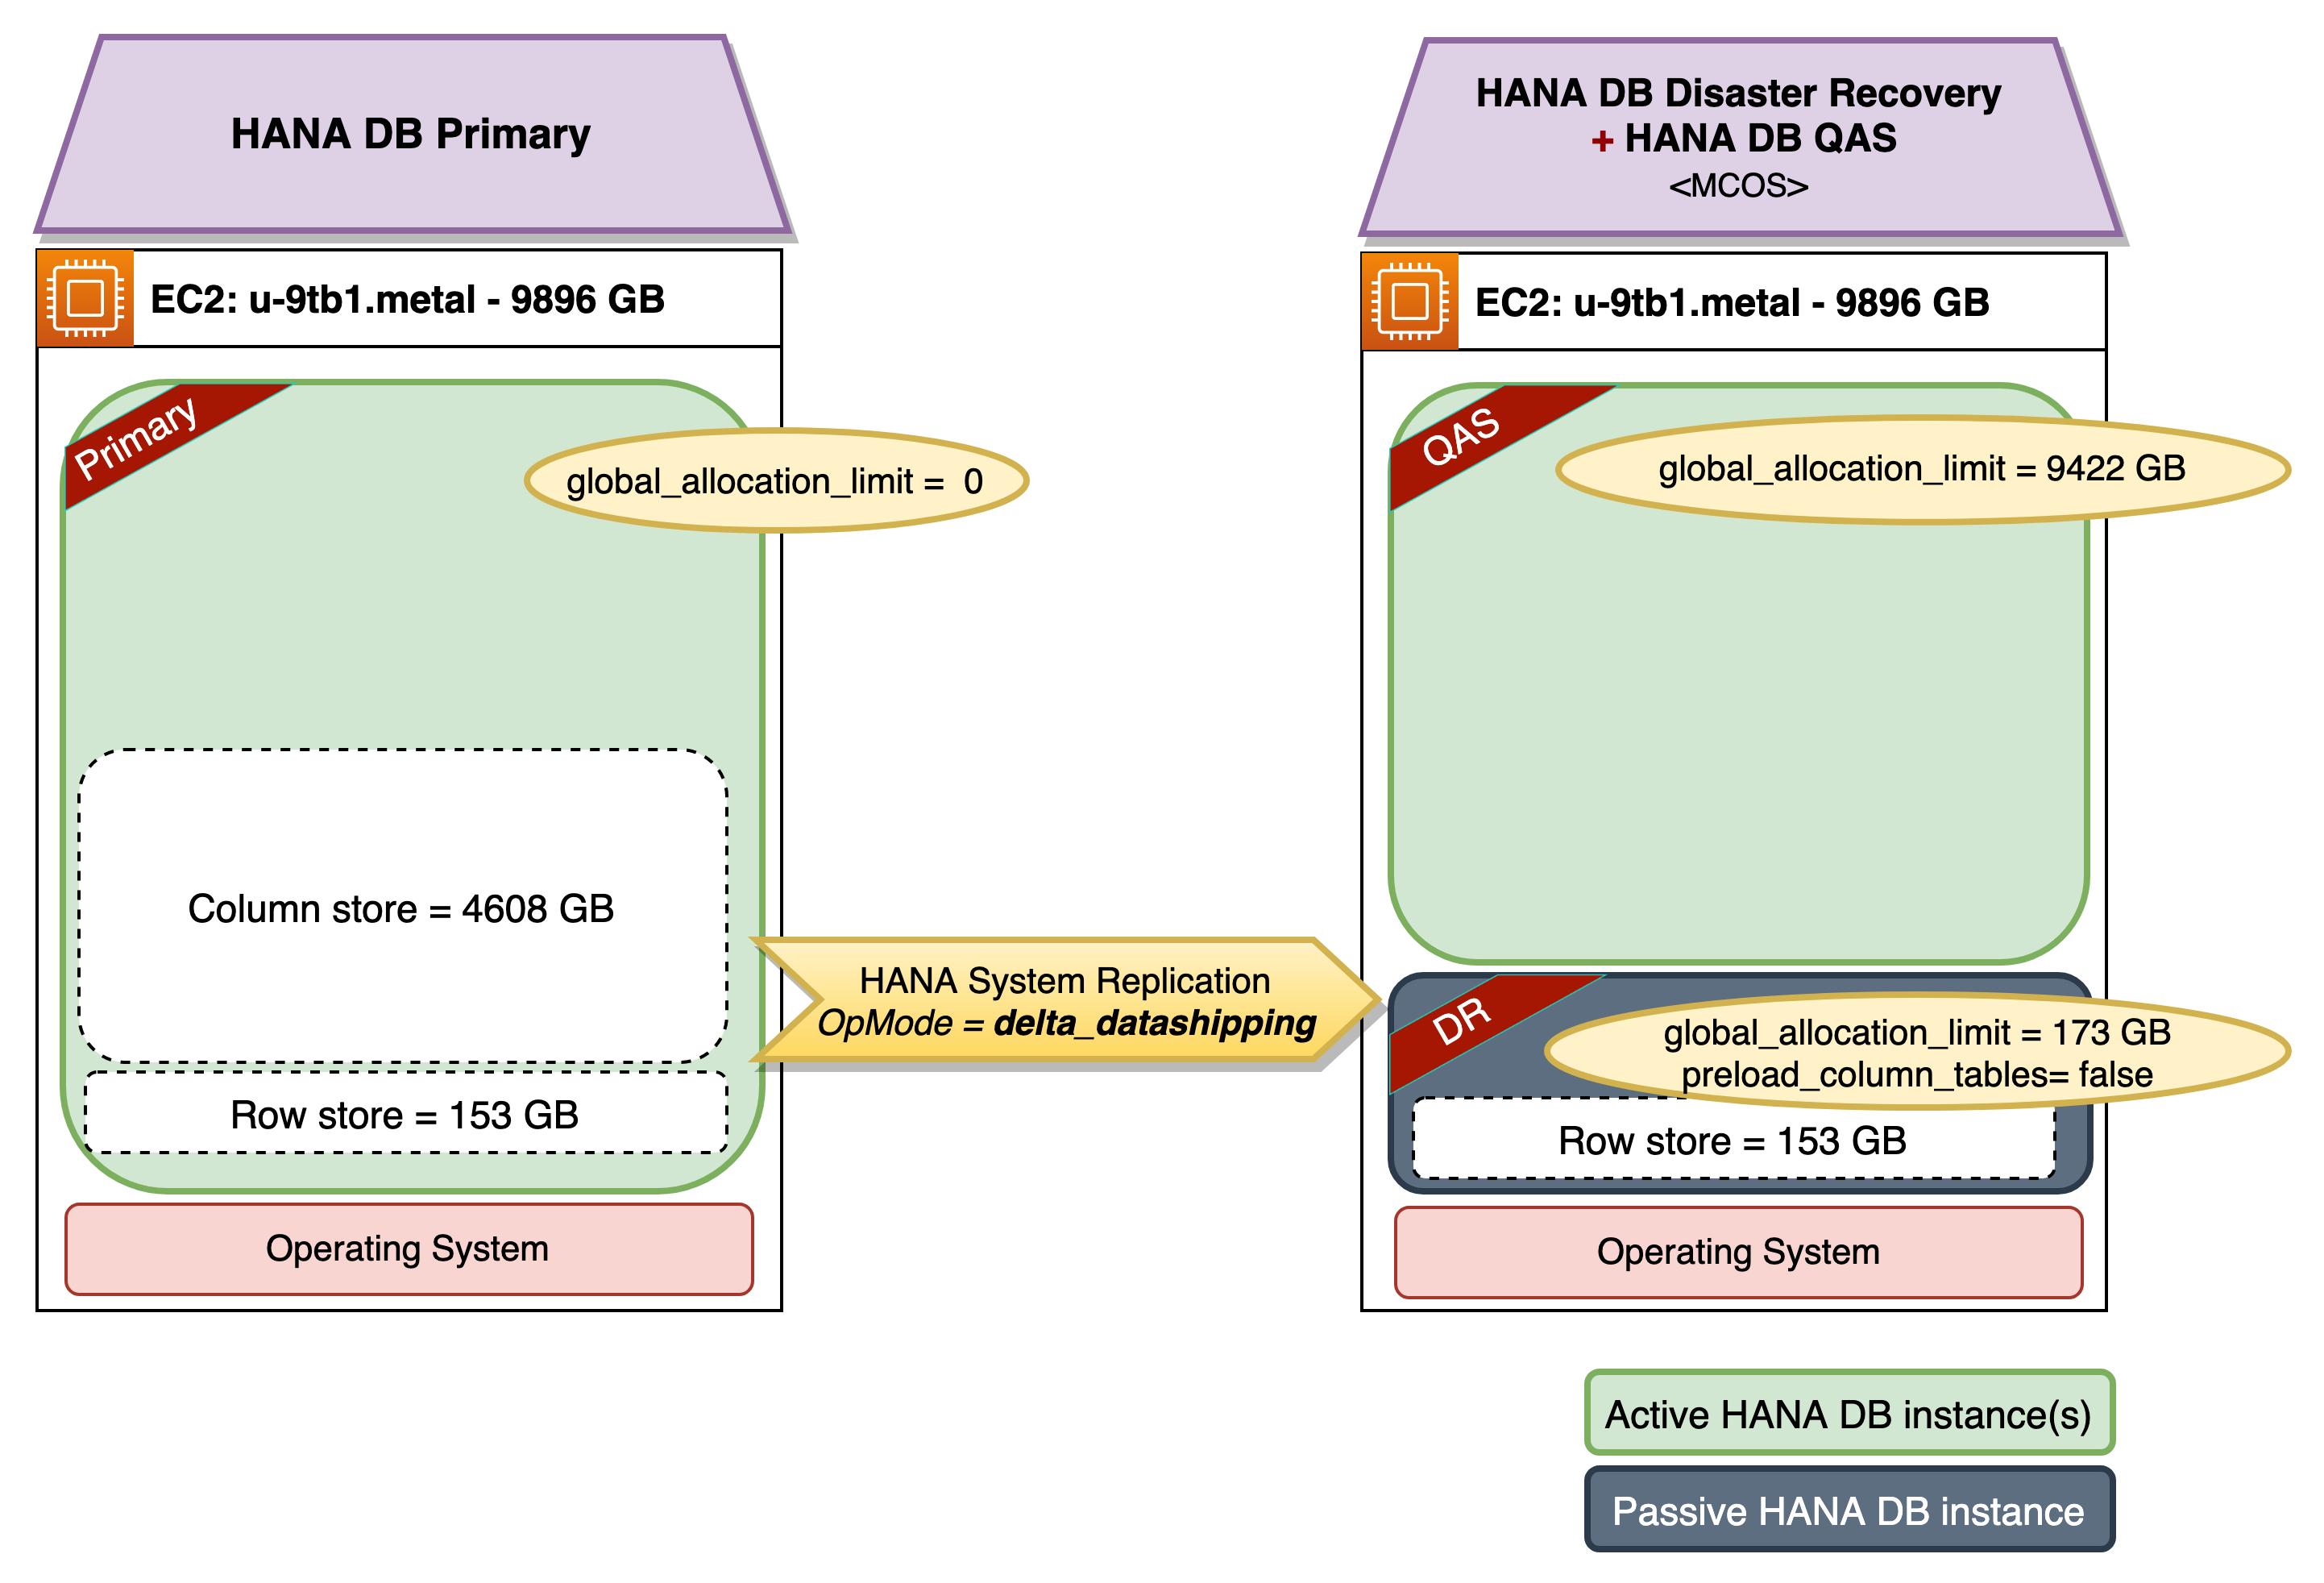 HSR Delta_datashipping